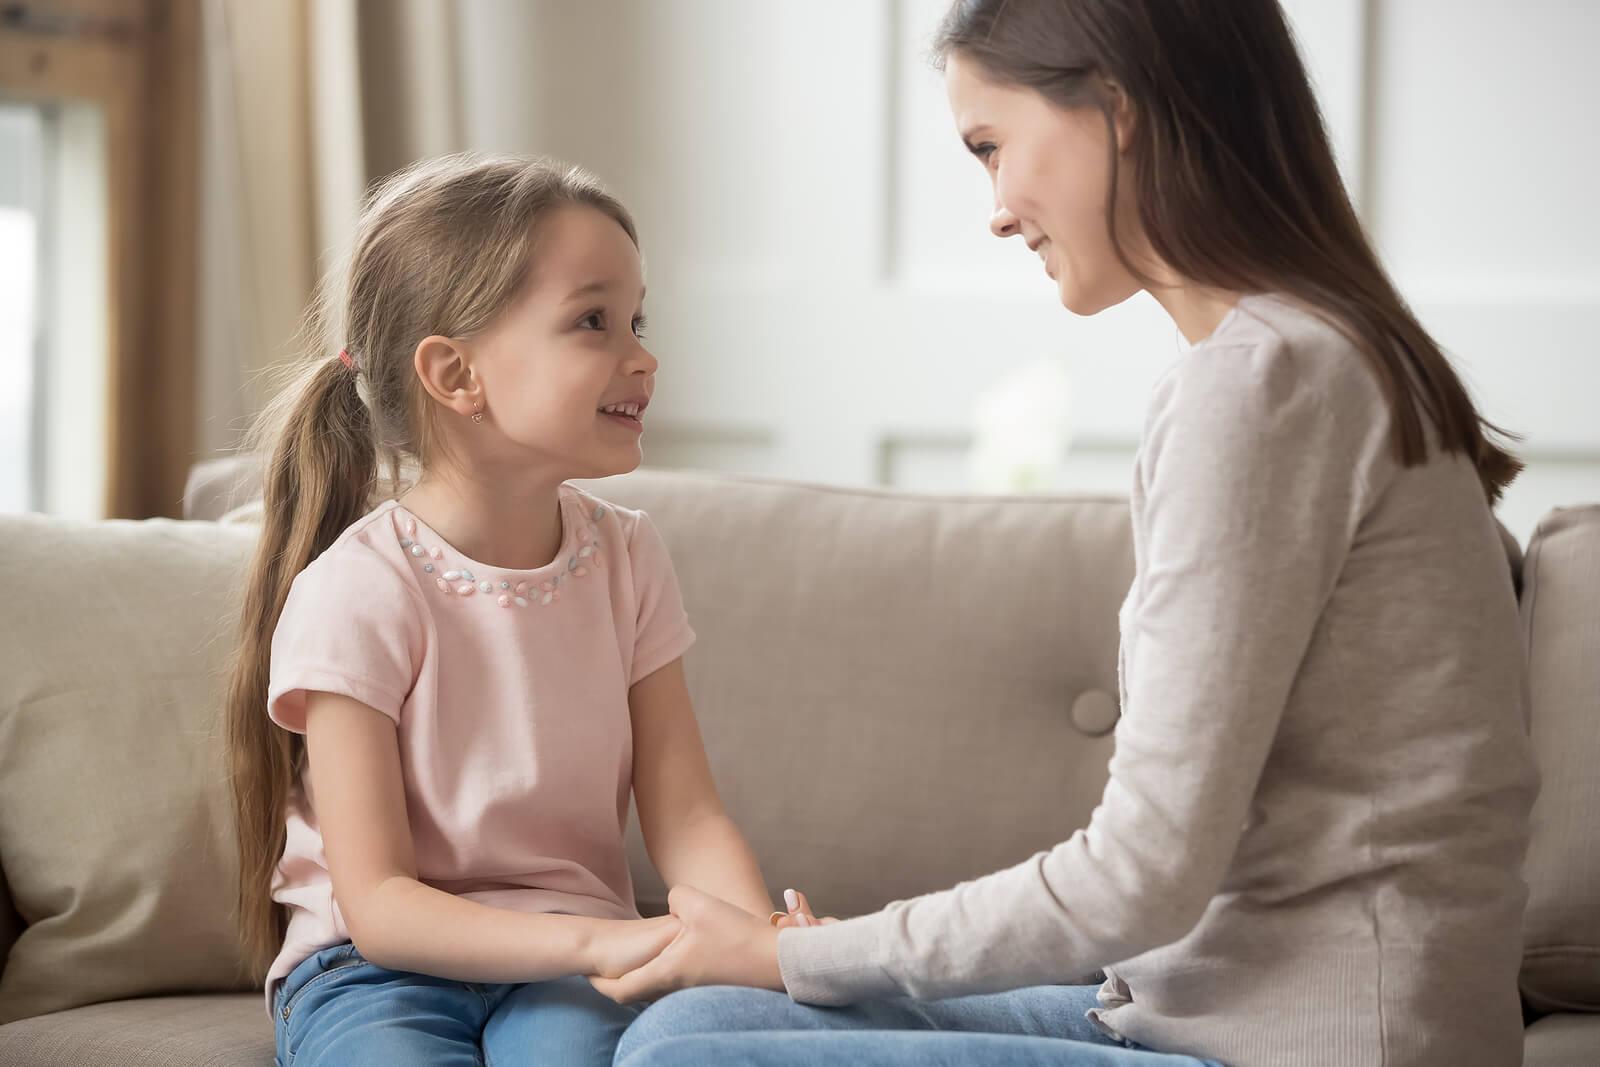 Madre utilizando la técnica de las tres llamadas de atención con su hija.